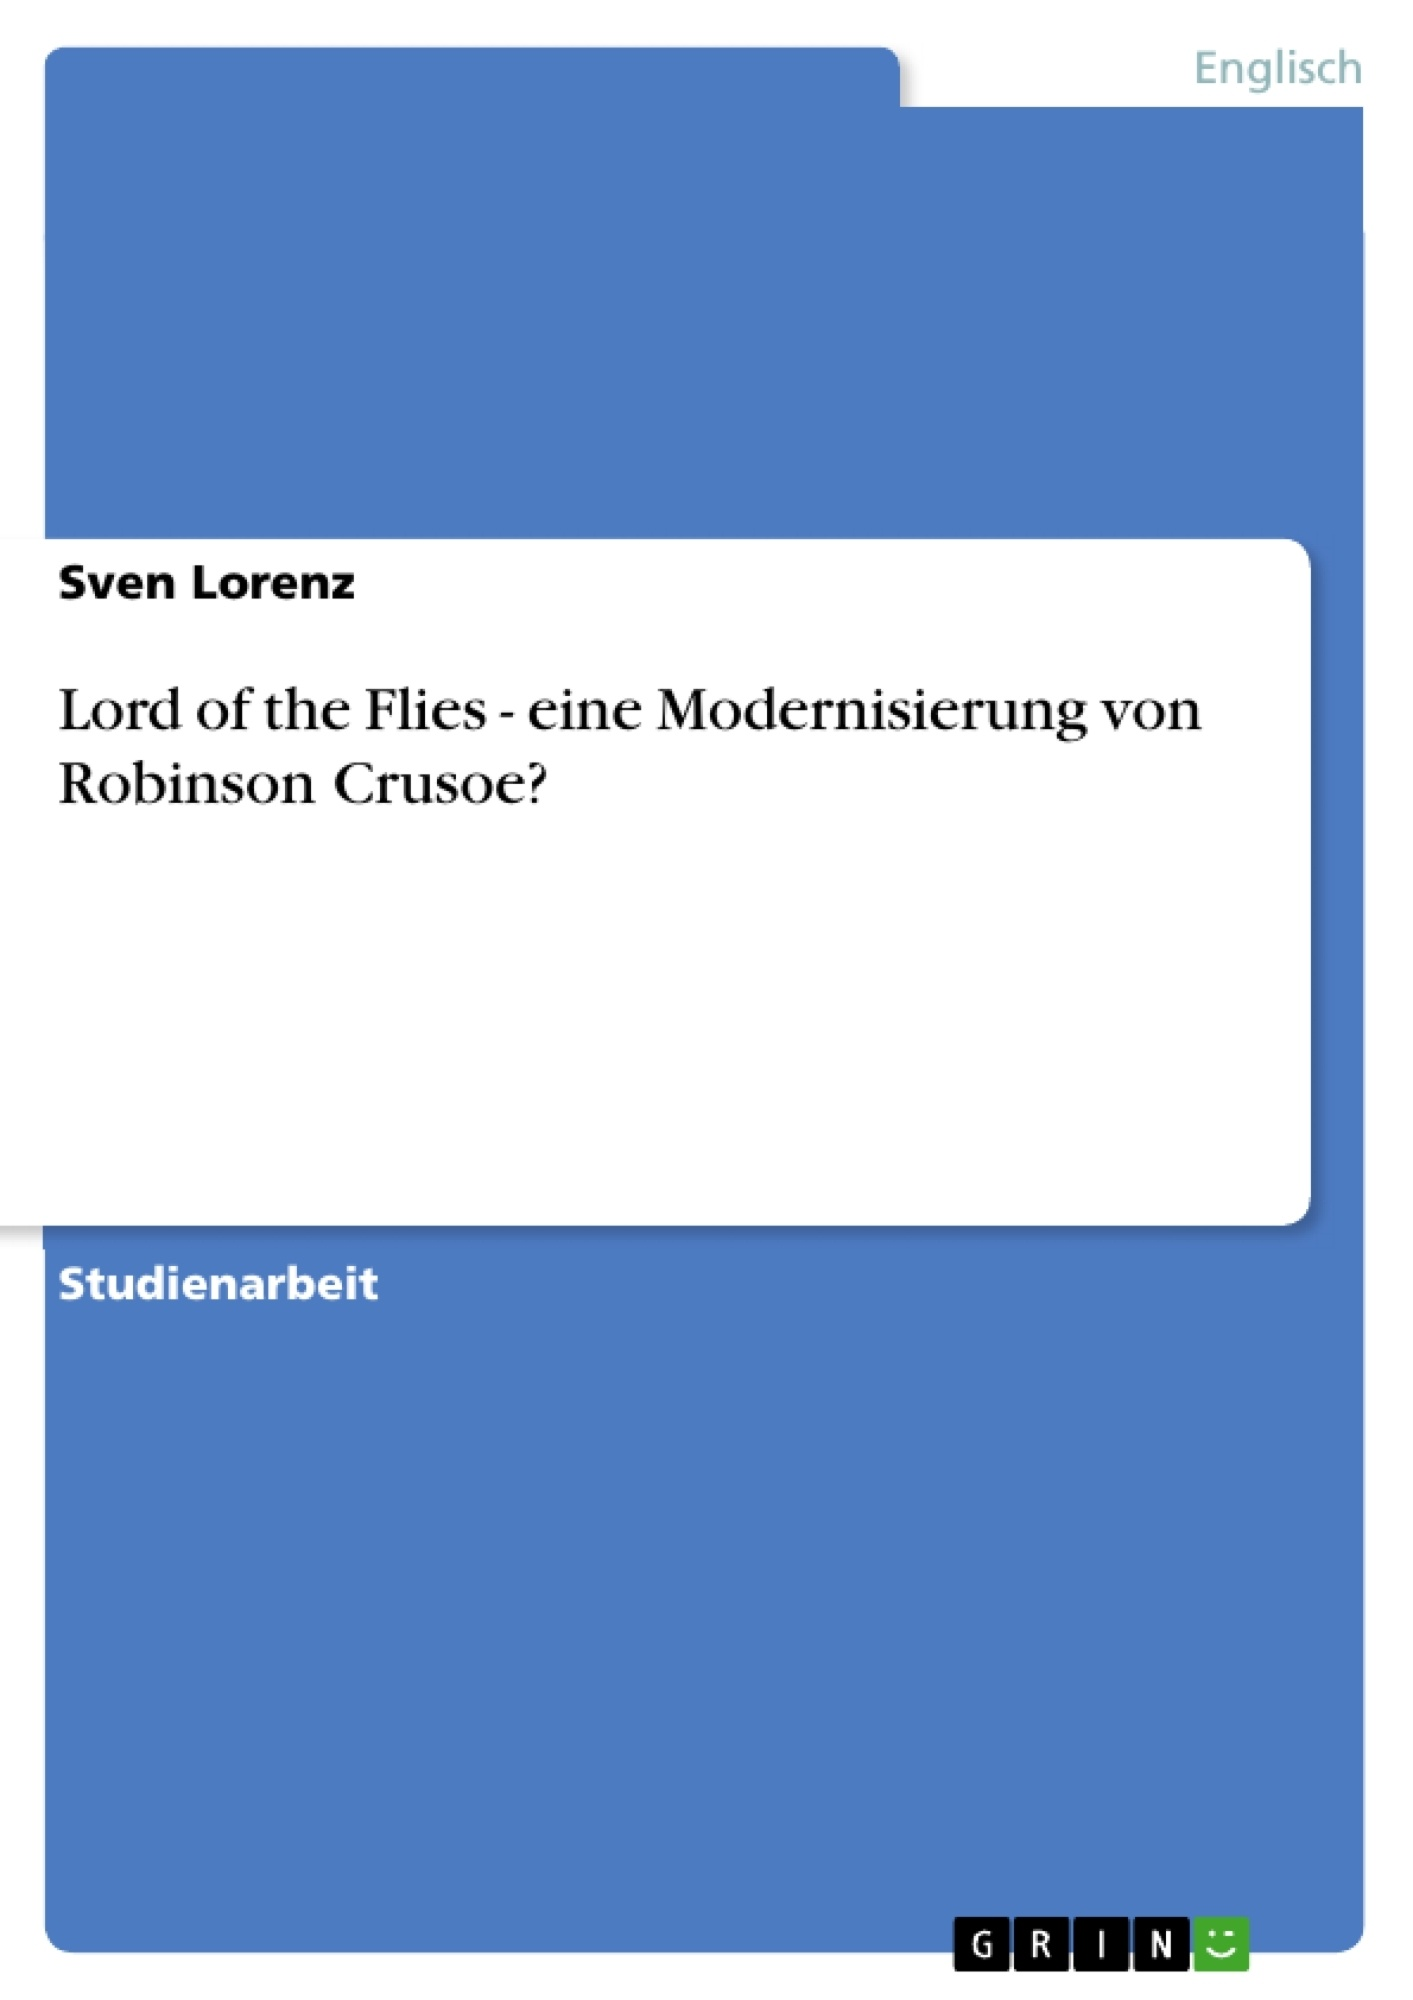 Titel: Lord of the Flies - eine Modernisierung von Robinson Crusoe?